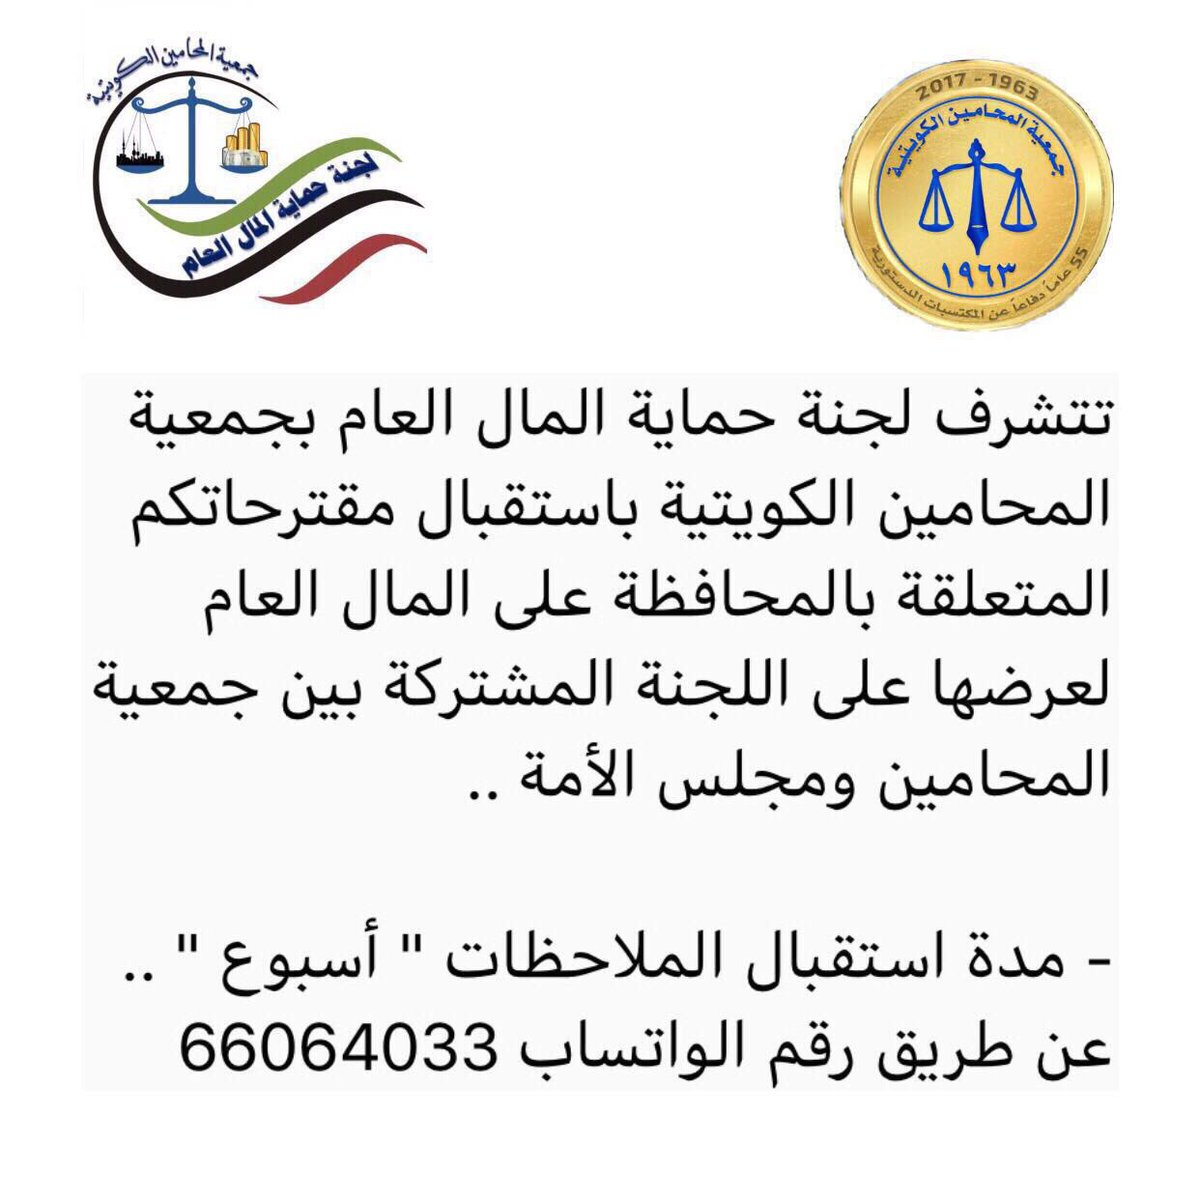 #جمعية_المحامين_الكويتية #لجنة_حماية_المال_العام #مجلس_الأمةpic.twitter.com/2qrHu4Xz7l